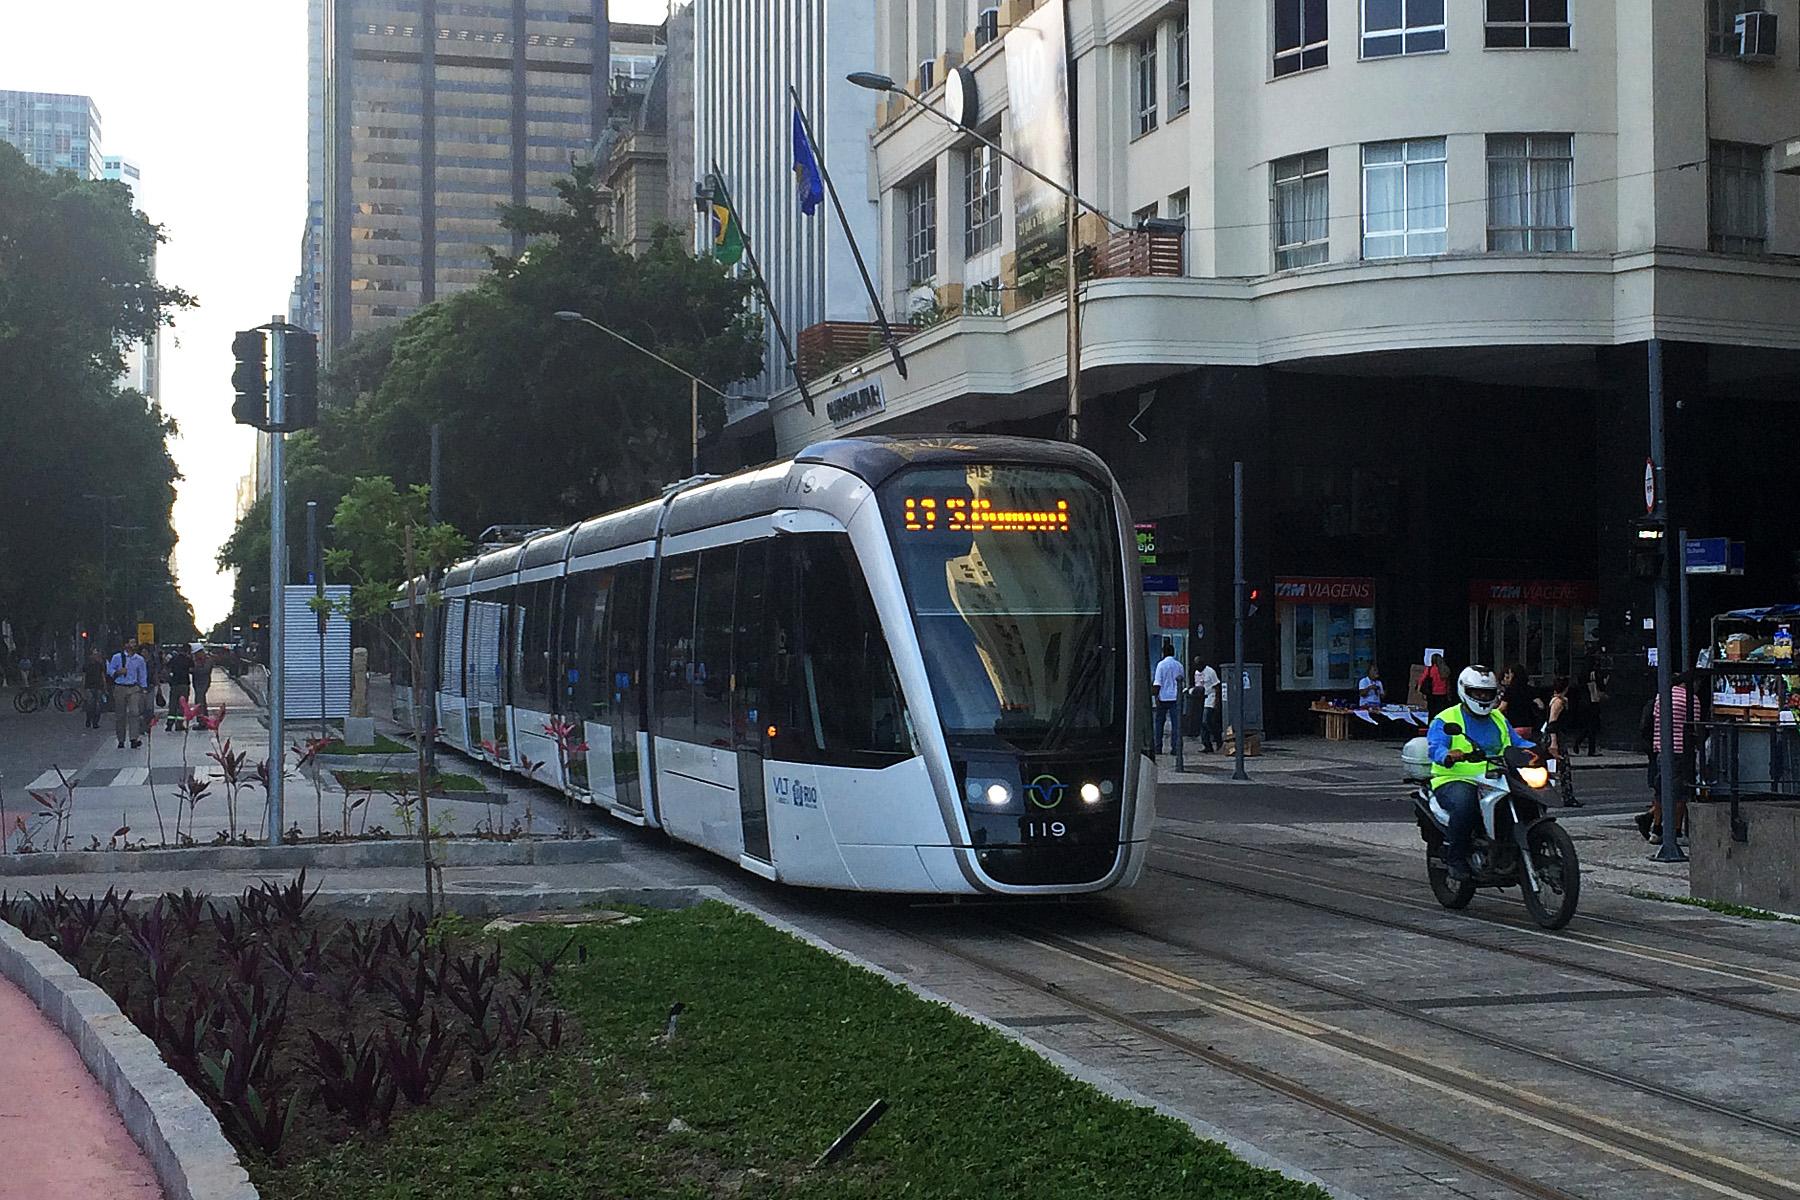 Tramvaj Alstom CItadis 402 v ulicích Ria. (zdroj: Wikipedia.org)